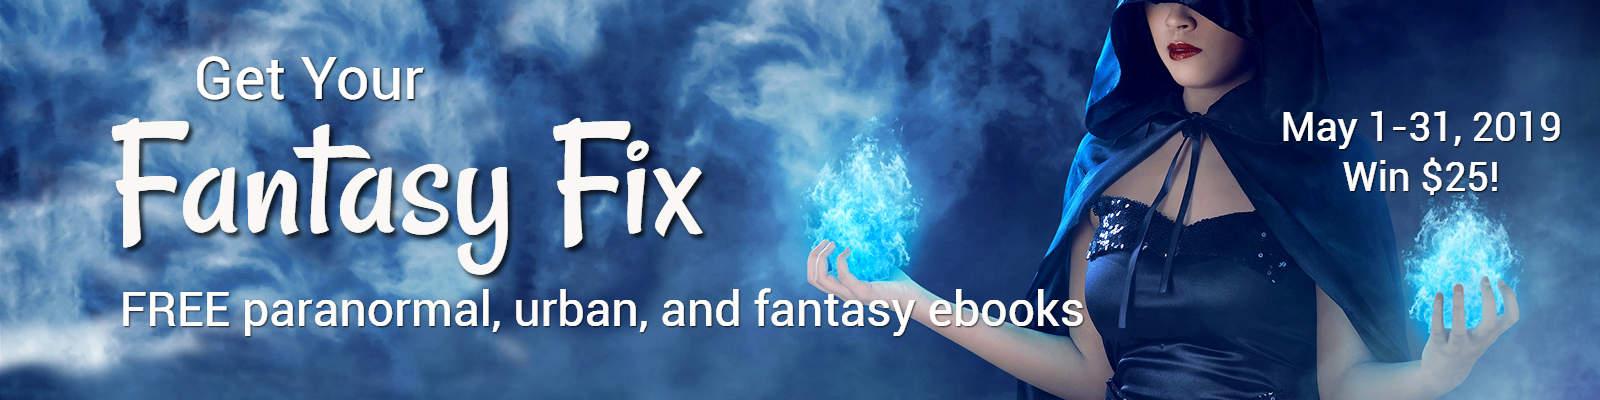 Fantasy Fix